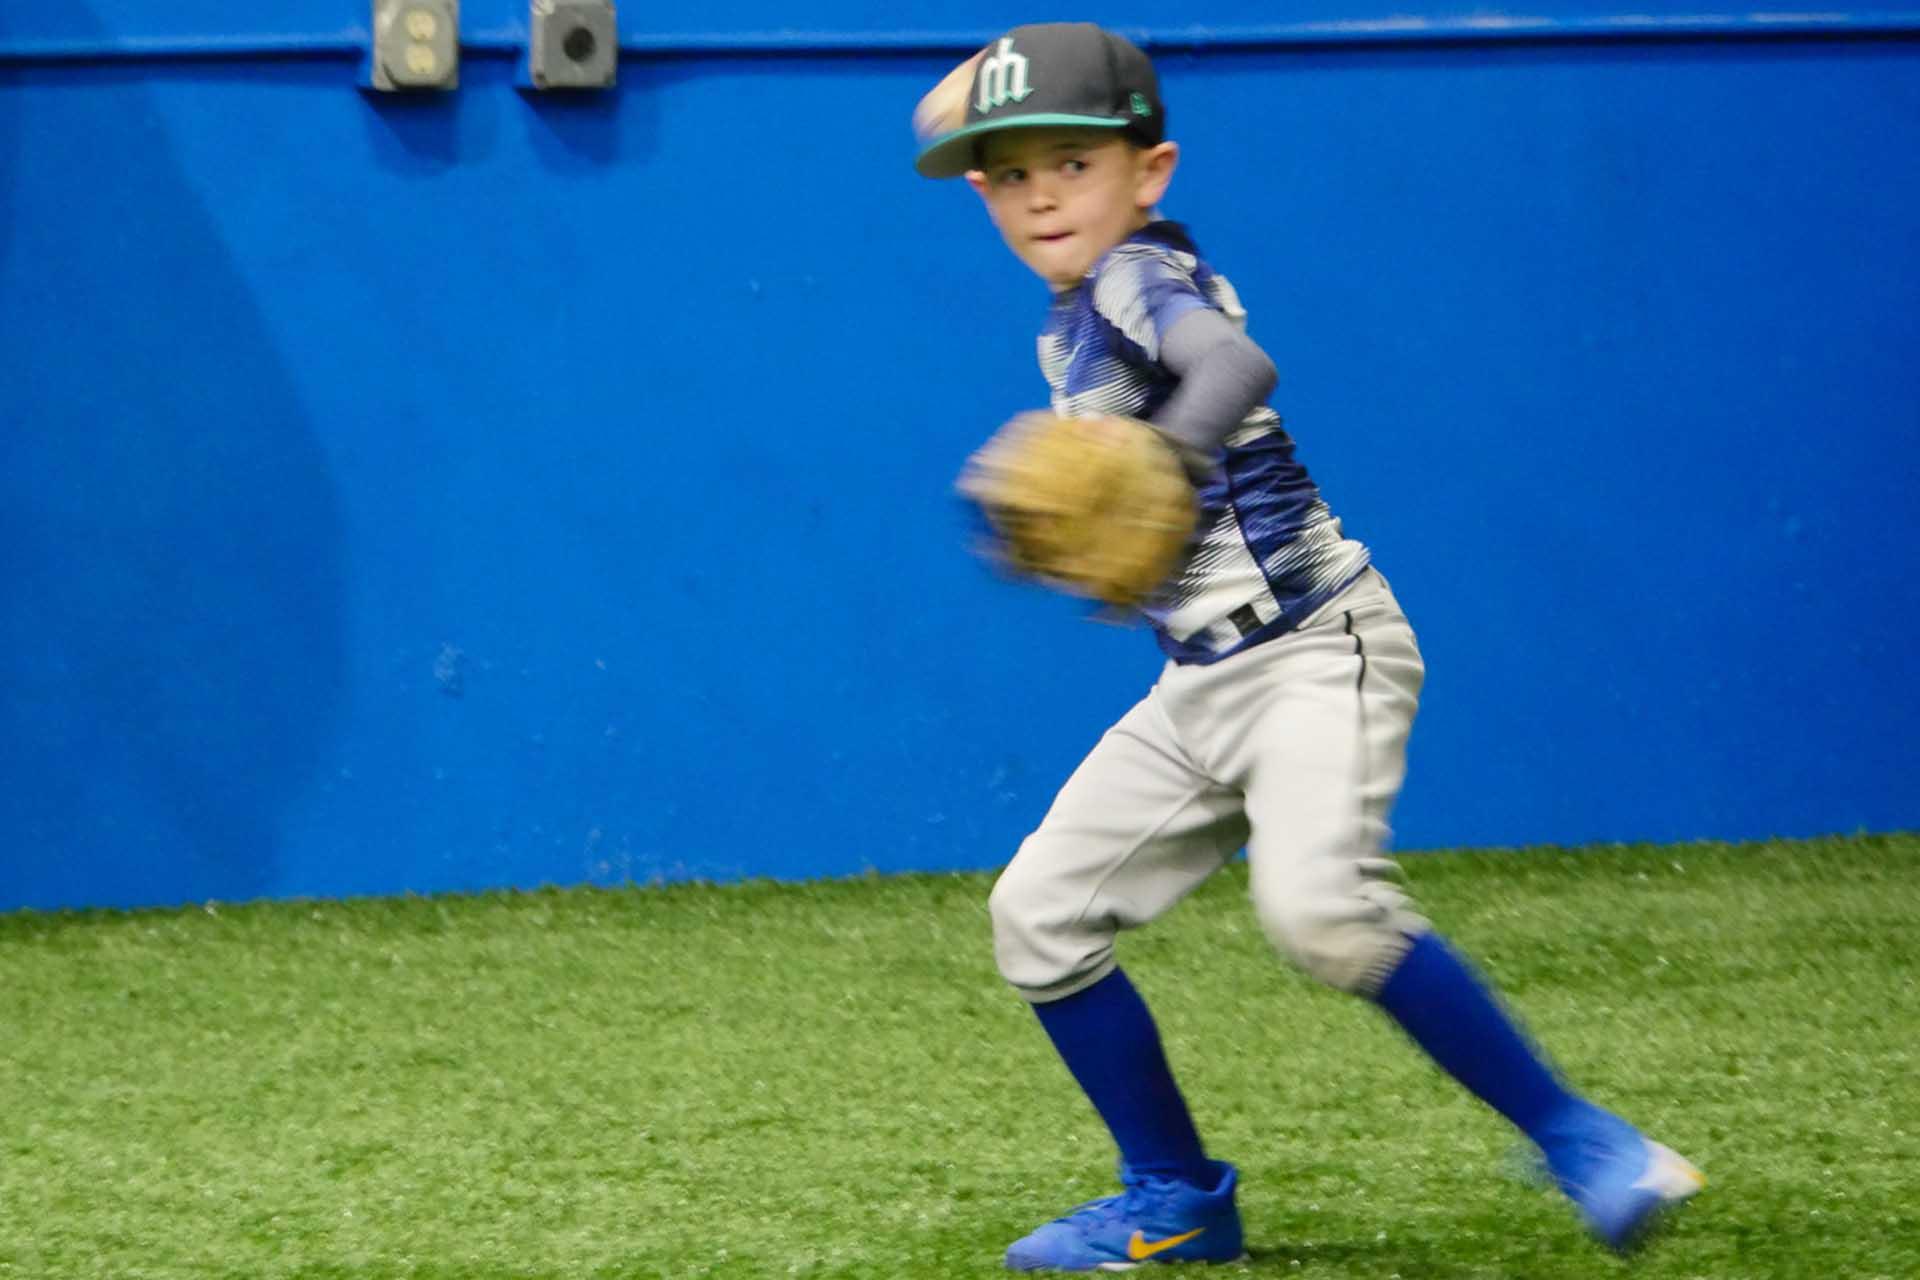 Little Boy Throwing a Baseball